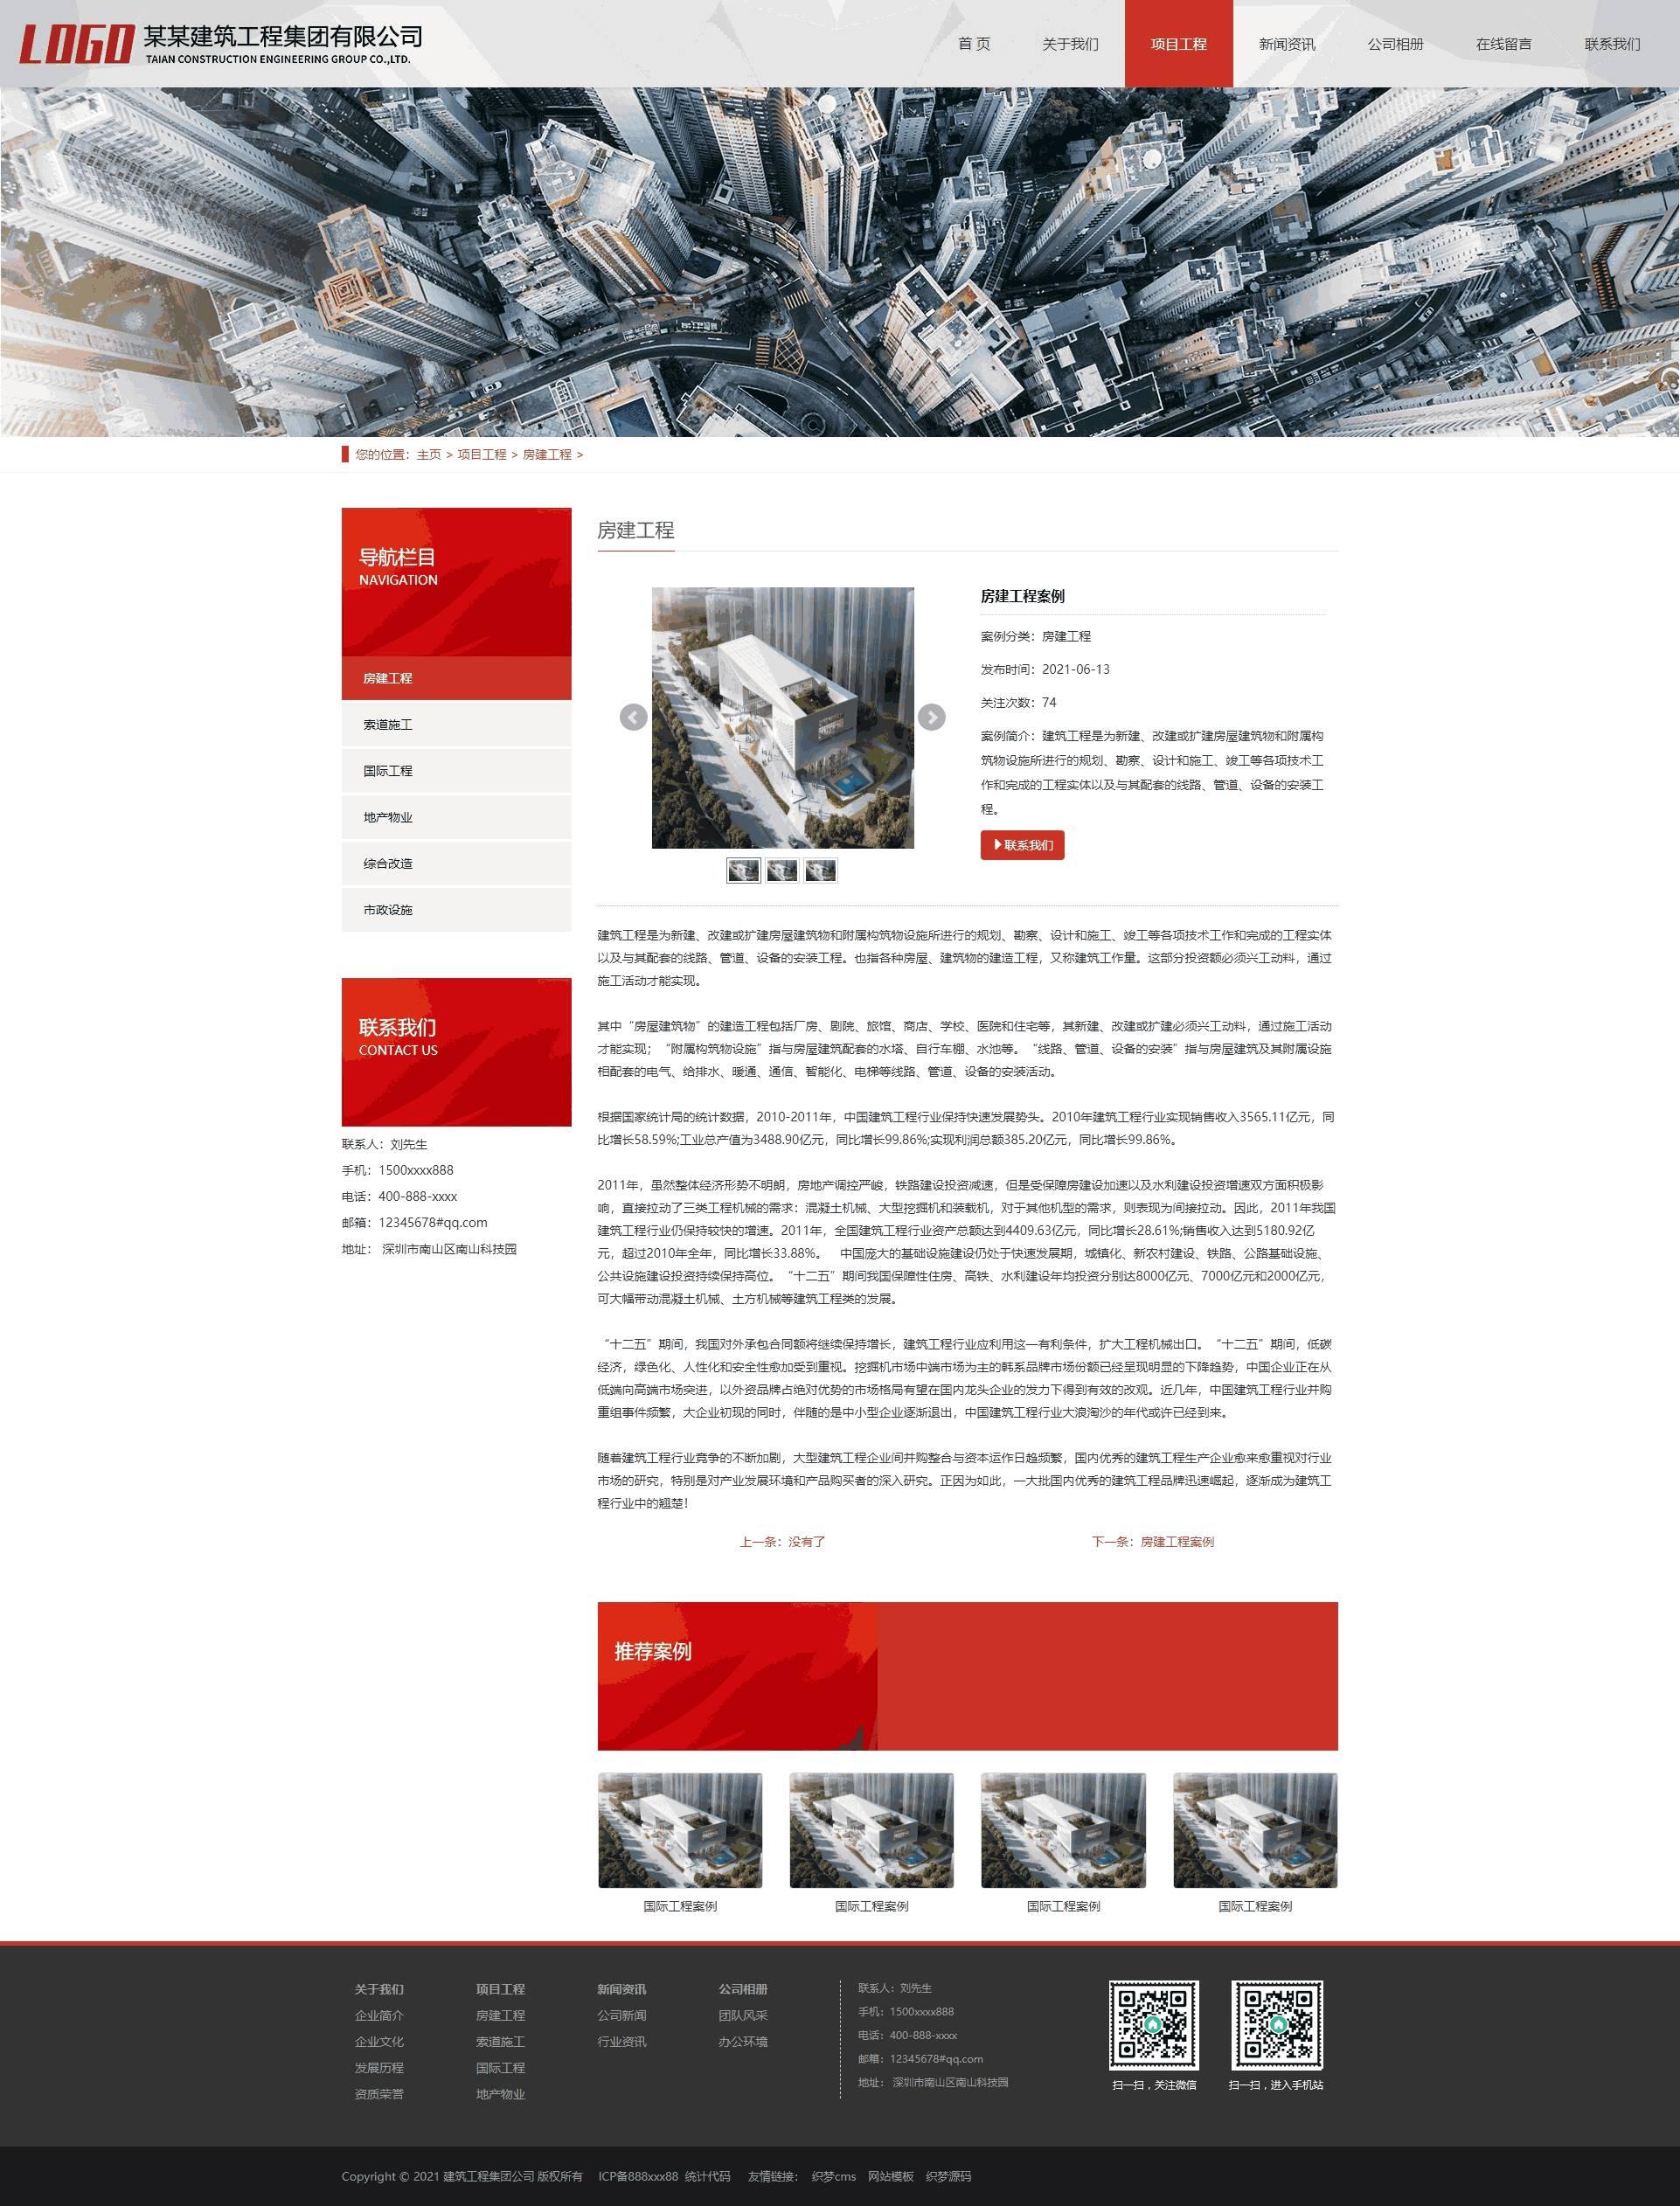 案例内容页